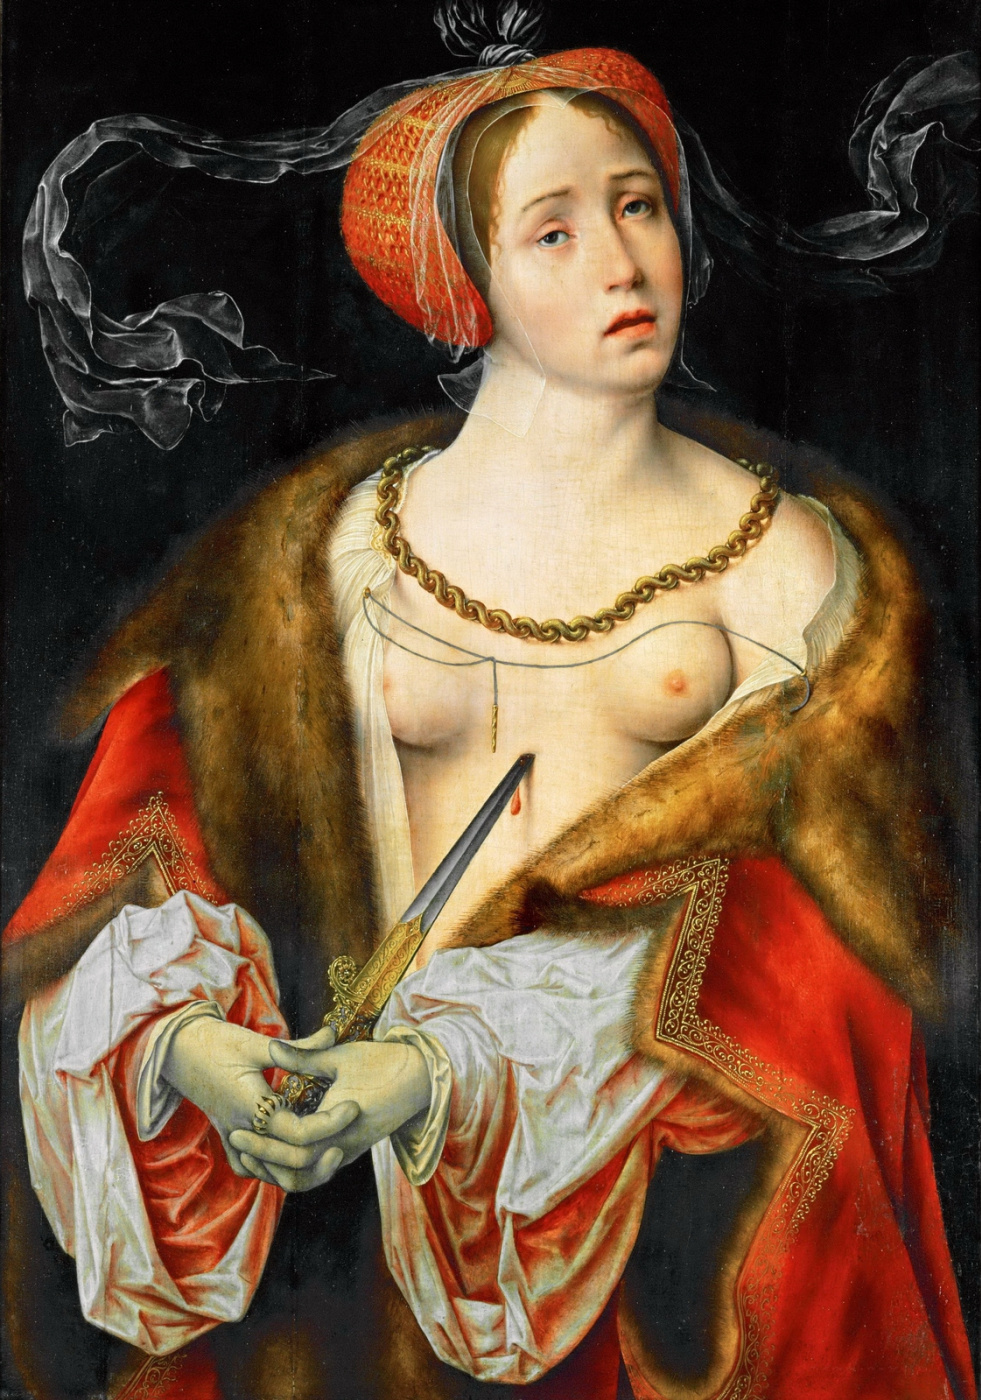 Jos van Kleve. Lucretius. 1520-1525